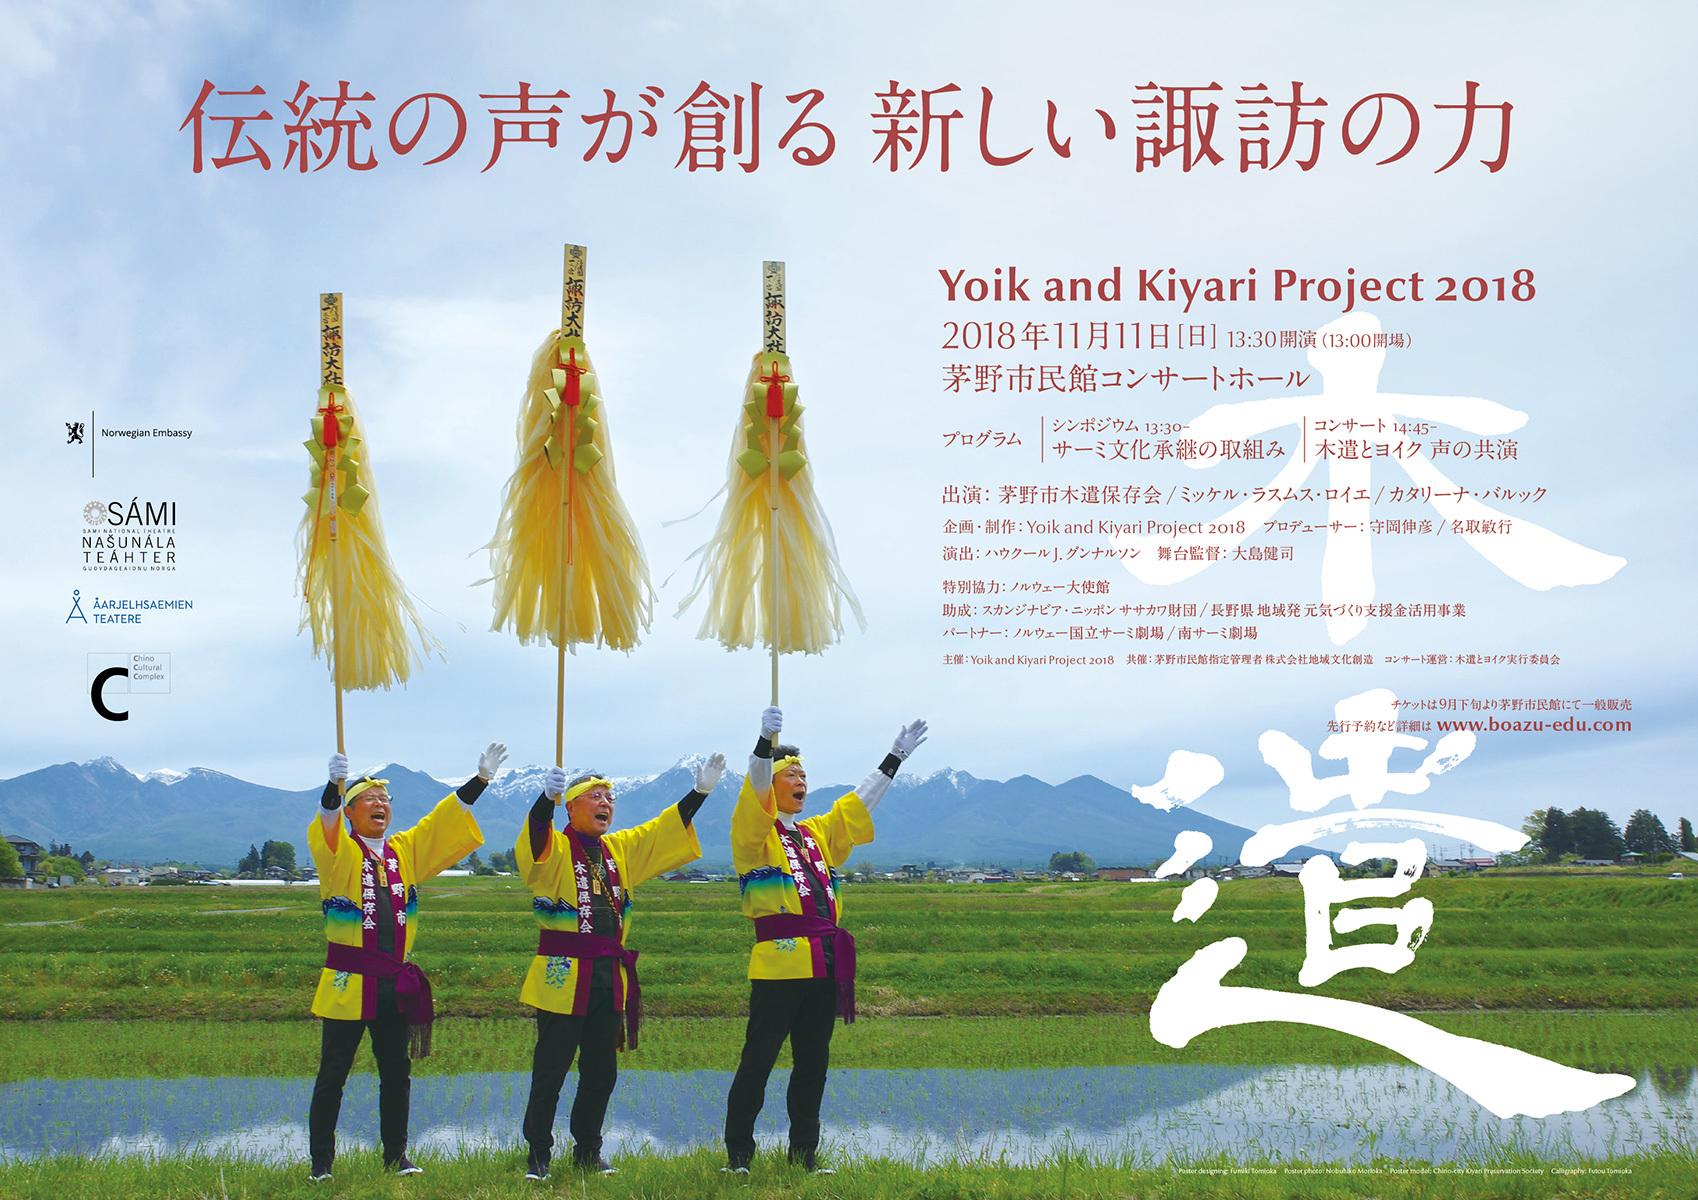 B1_poster_Kiyari_fin_s.jpg